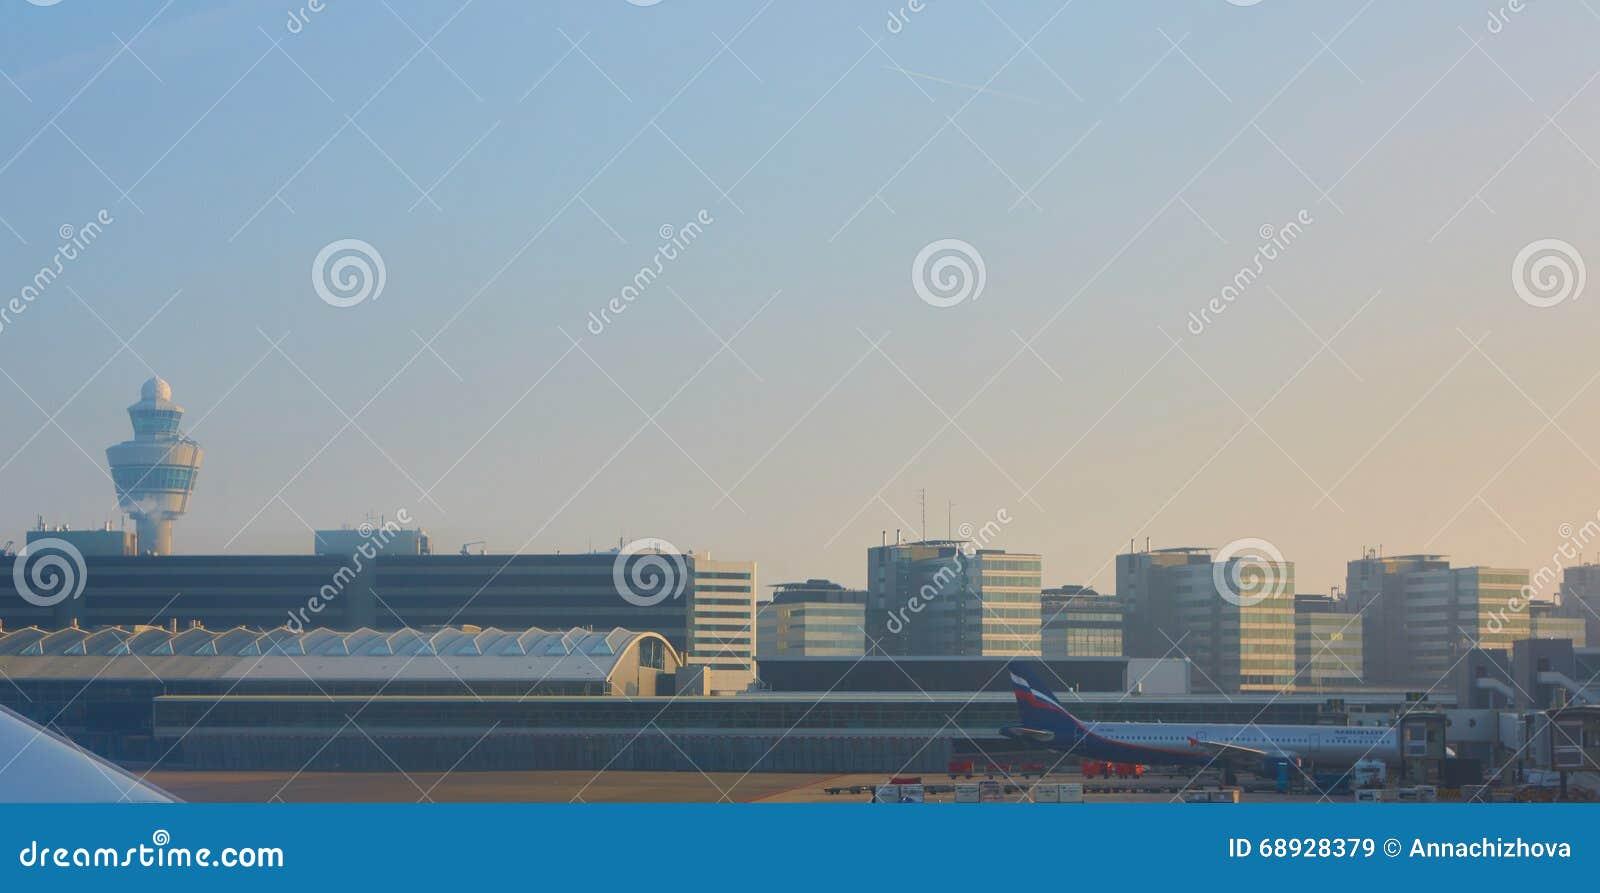 Amsterdam-Flughafen Schiphol in den Niederlanden